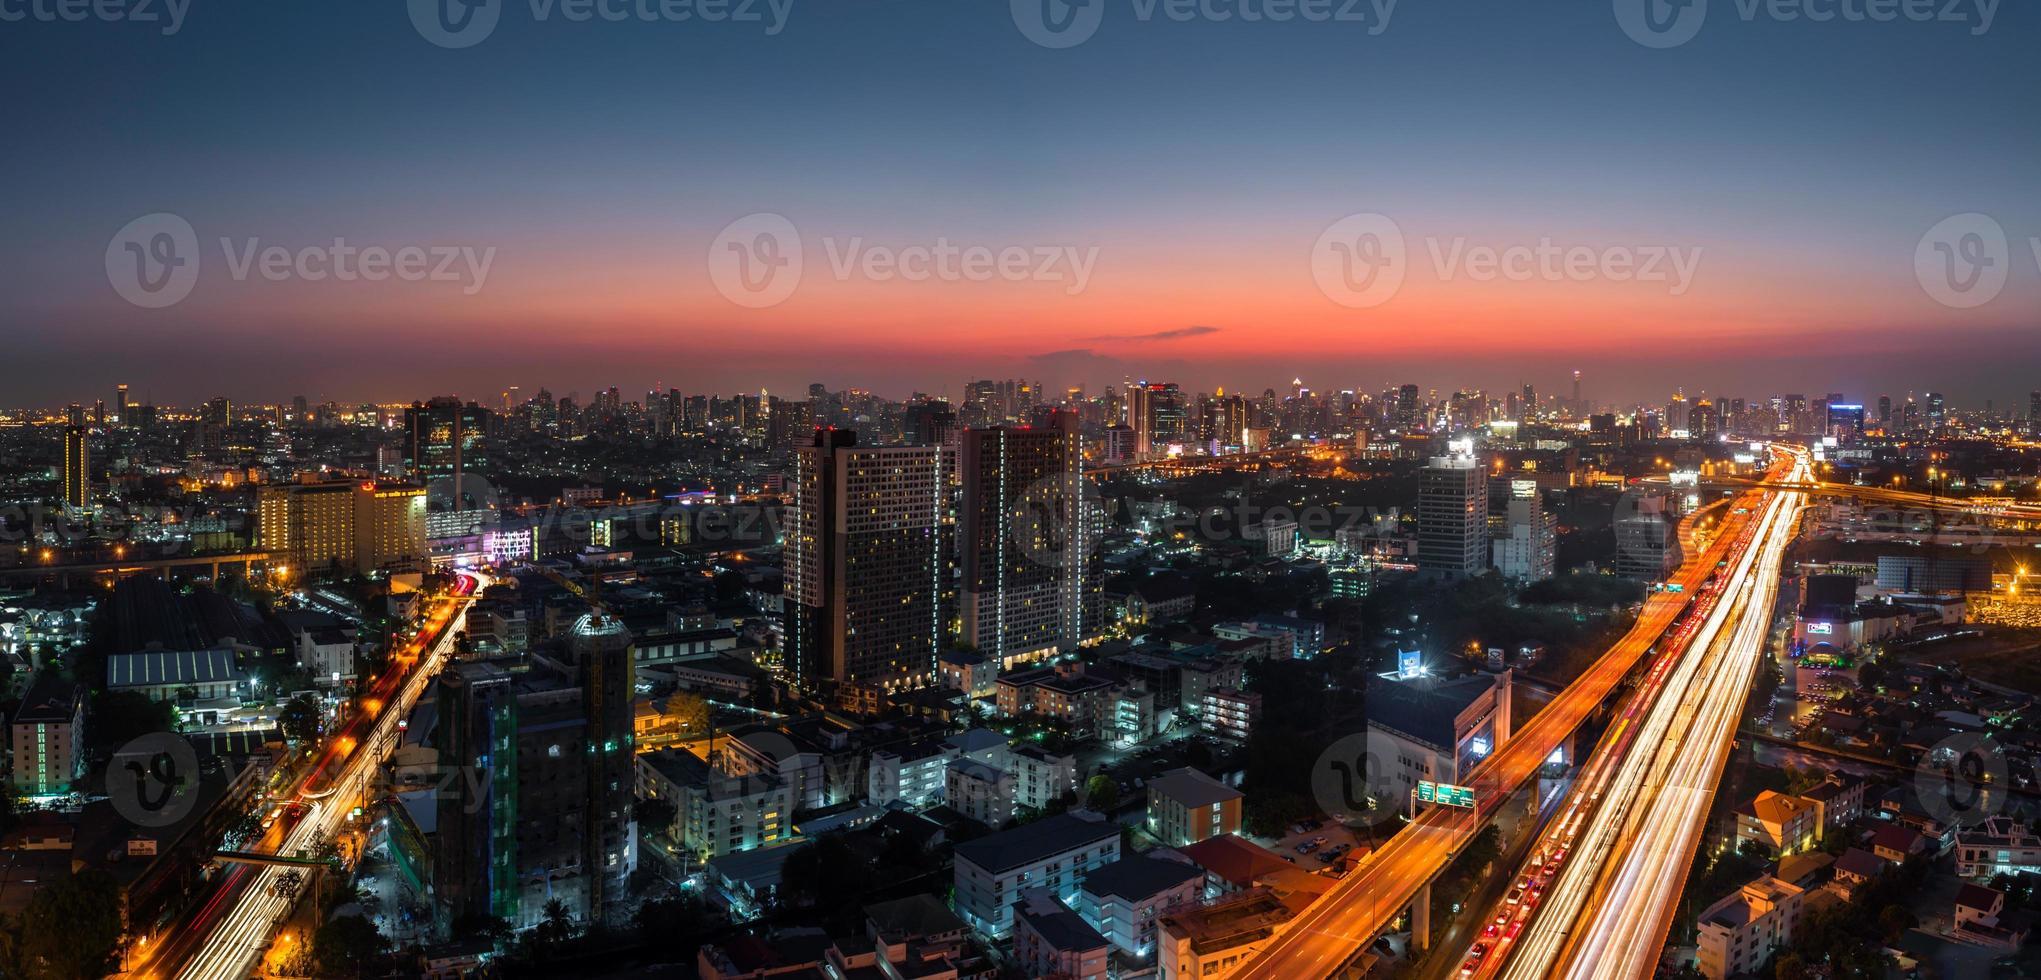 schemering bangkok stad panorama foto